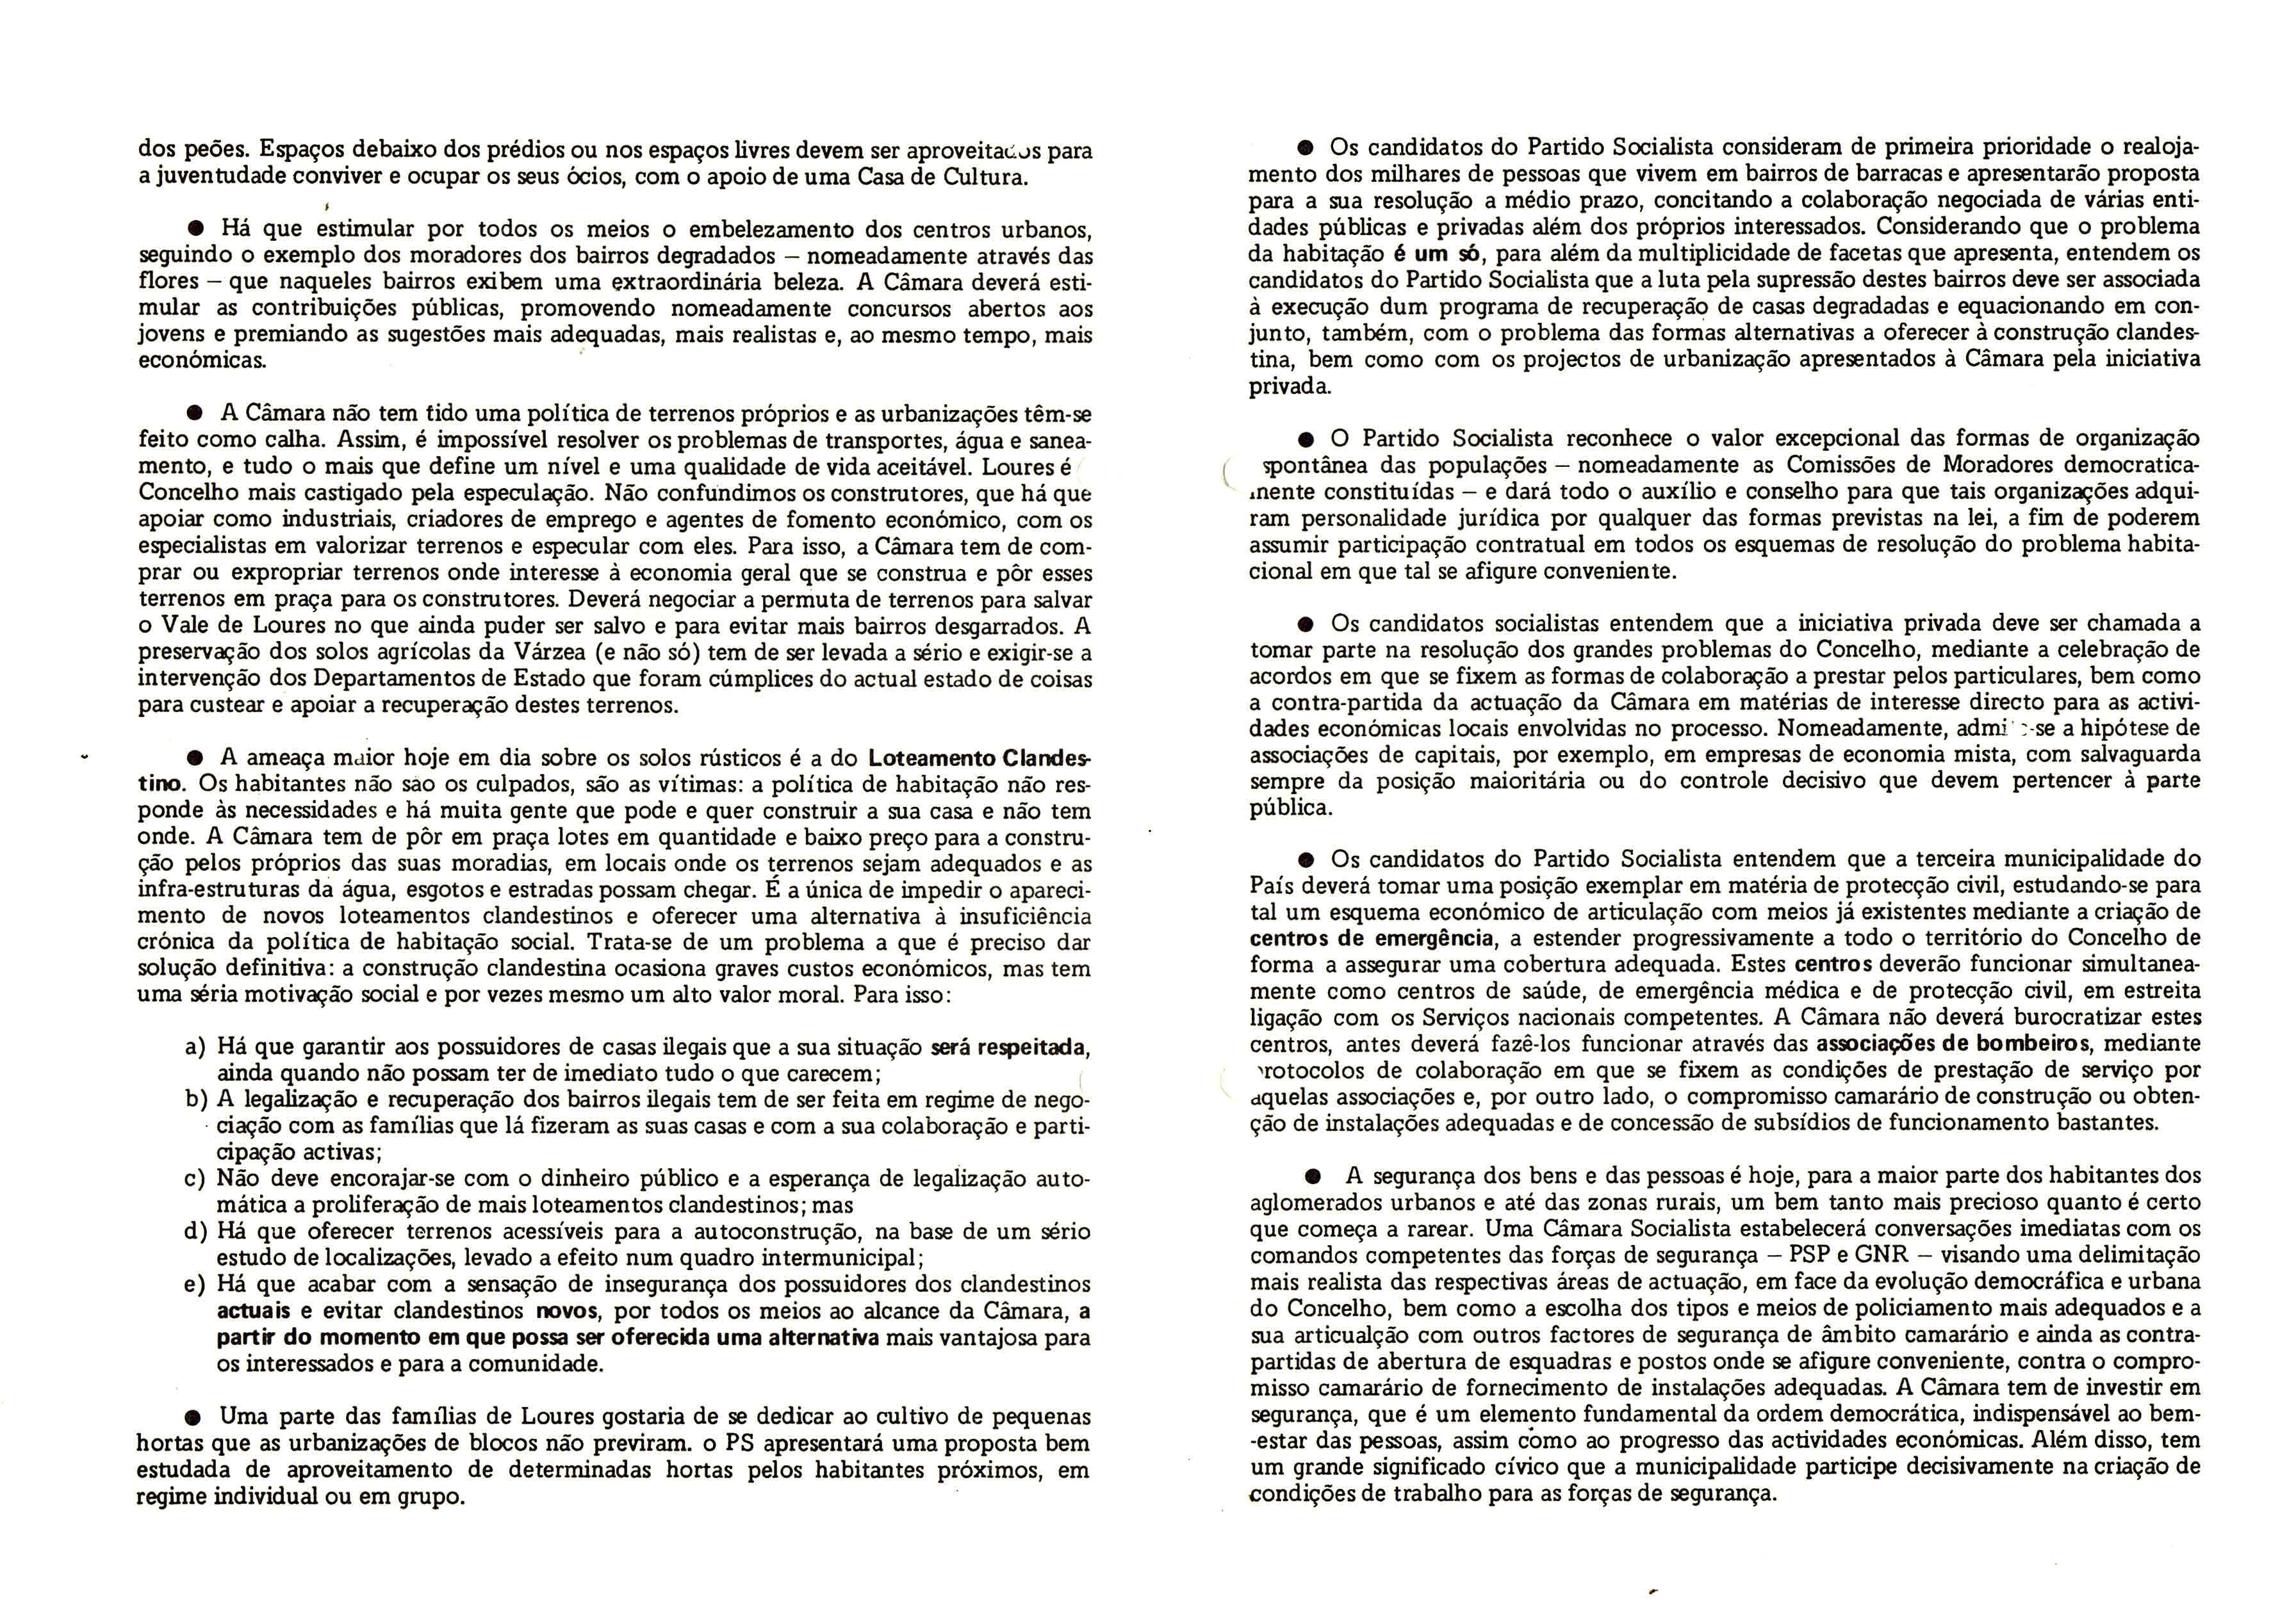 PS LOURES AUTÁRQUICAS 1982 ALGUNS PRINCIPIOS 2